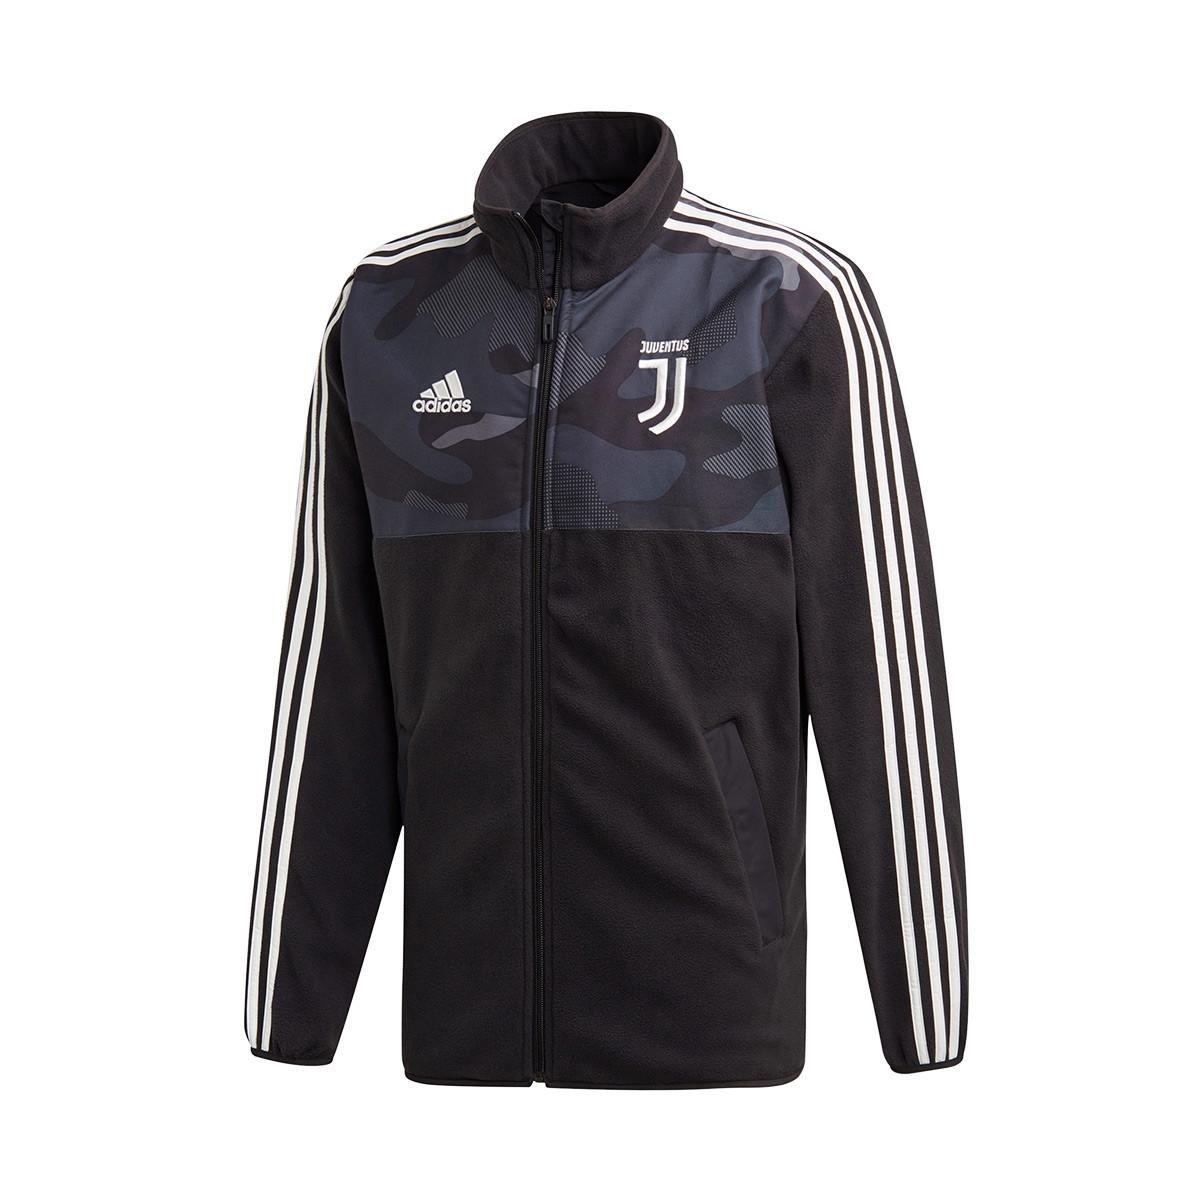 Veste adidas Juventus SSP FL 2019 2020